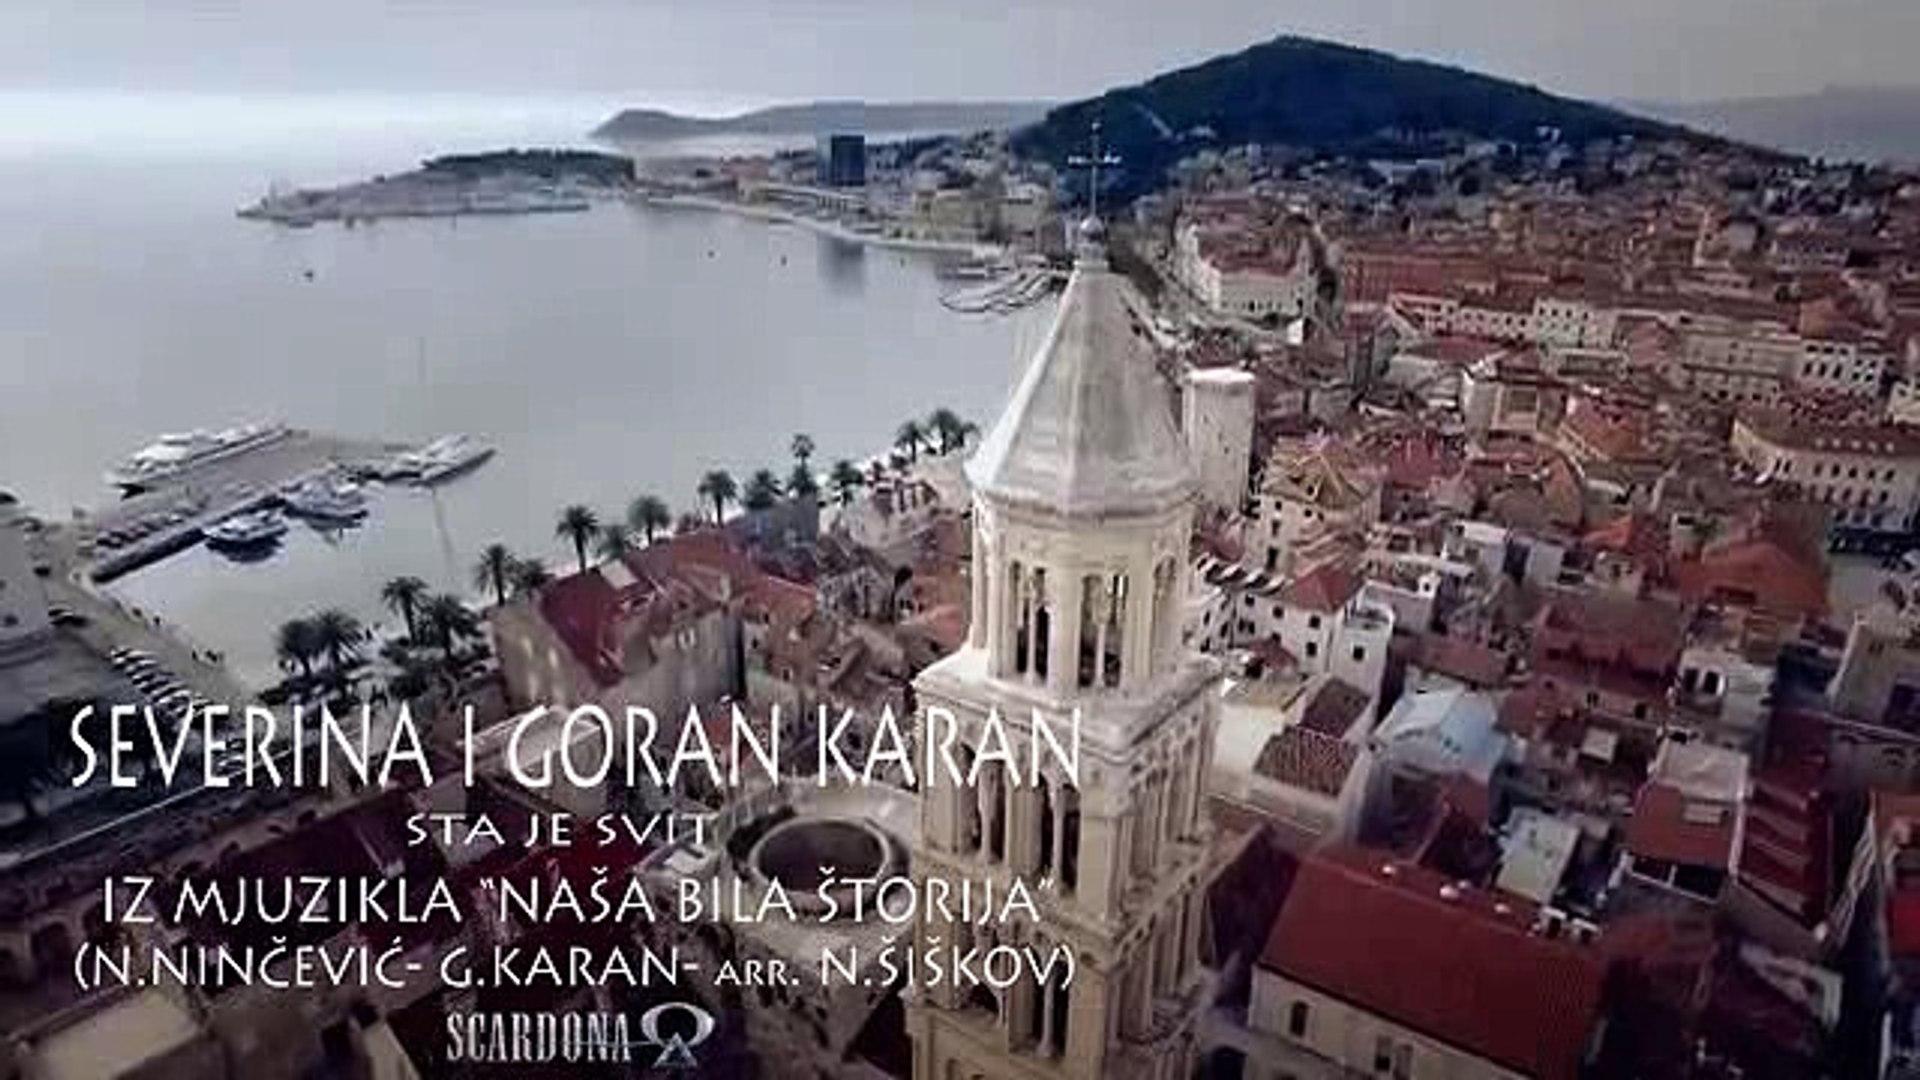 Severina i Goran Karan  /  Sta je svit